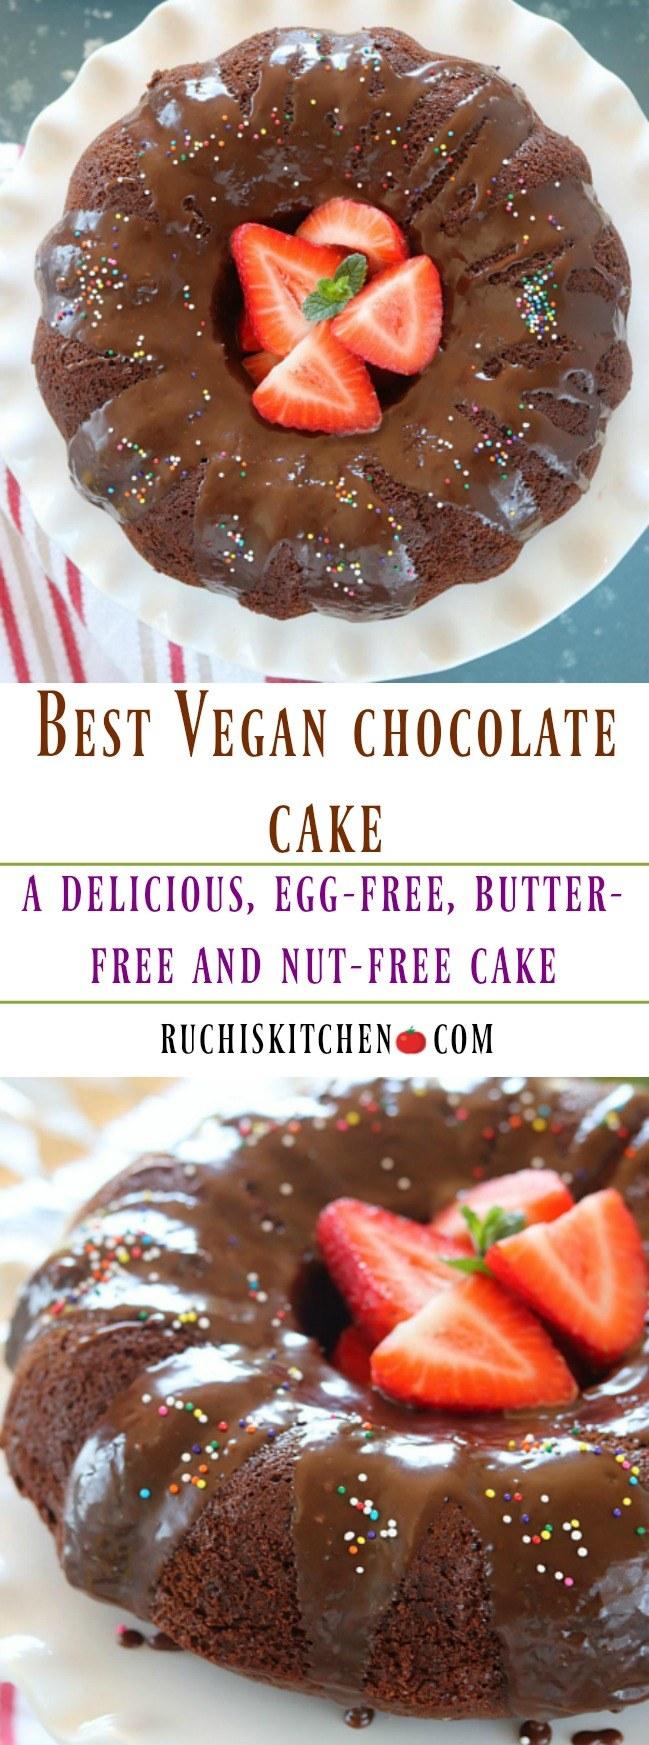 Vegan Chocolate Cake - Ruchiskitchen.com